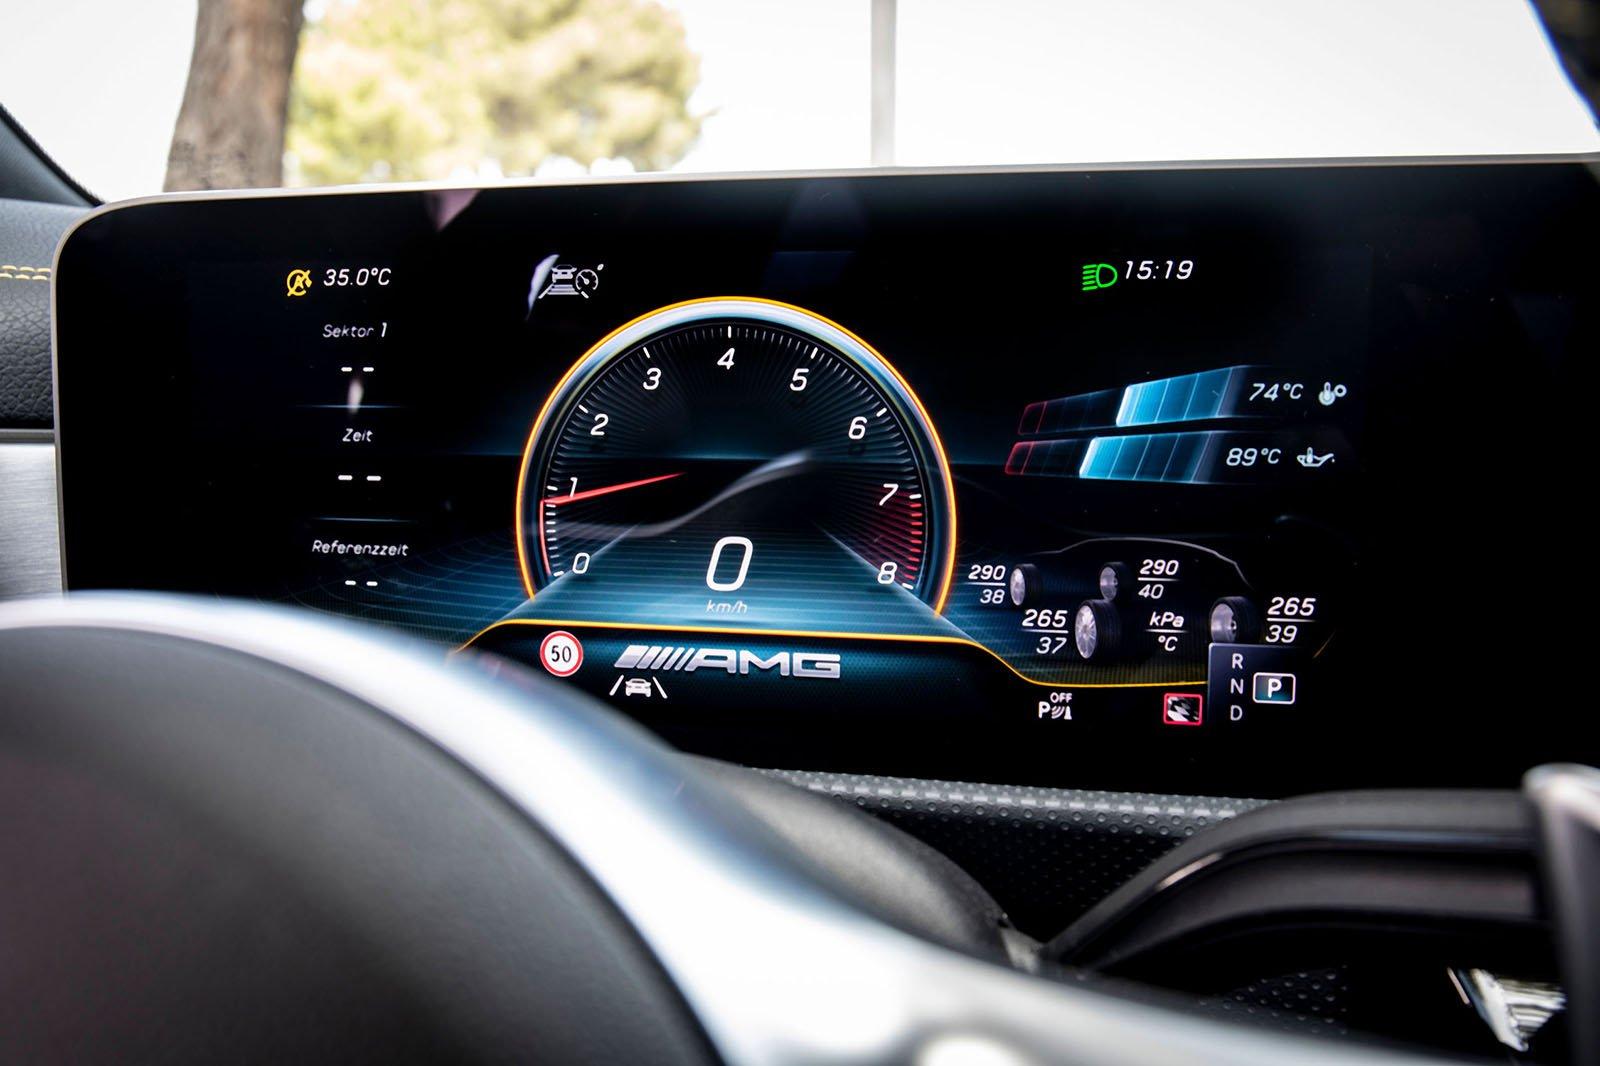 Mercedes-AMG A45 2019 LHD dashboard detail